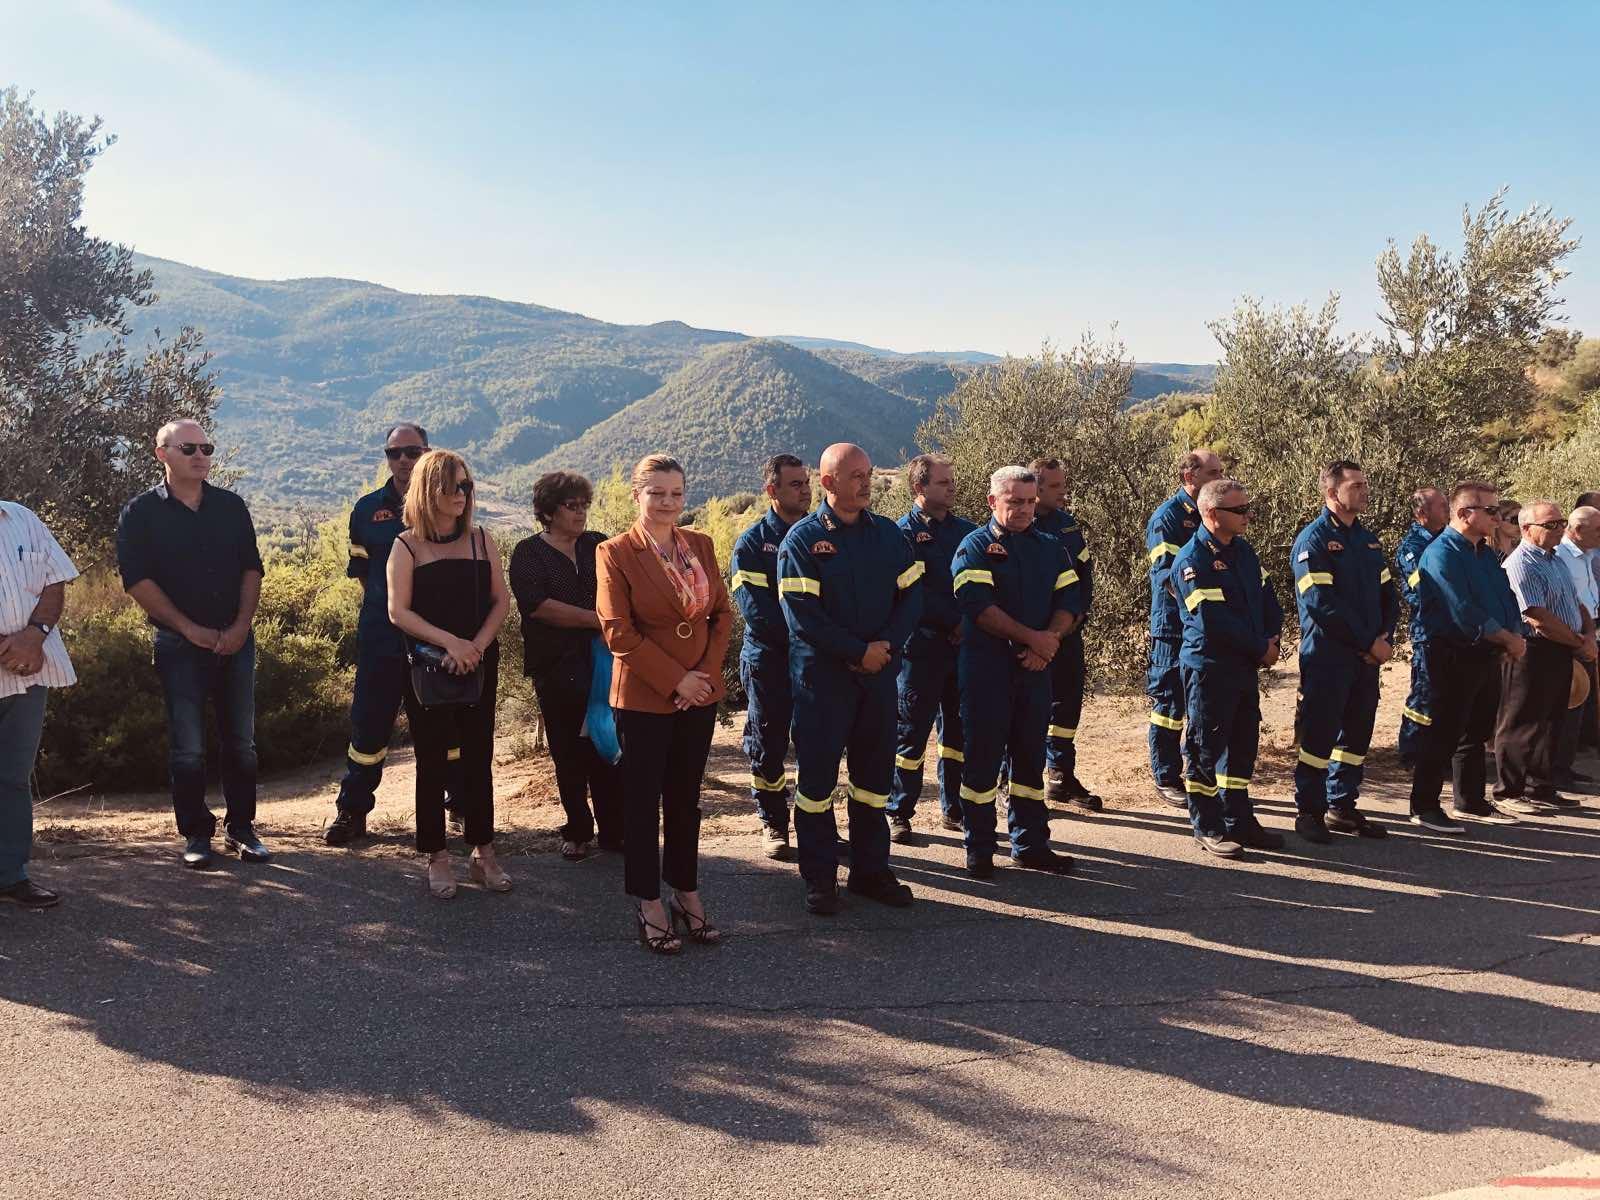 Ηλεία: Τελέστηκε στην Αρτέμιδα Ζαχάρως το μνημόσυνο των πεσόντων στις φονικές πυρκαγιές του Αυγούστου 2007- Δήλωση Διονυσίας Αυγερινοπούλου (photos)